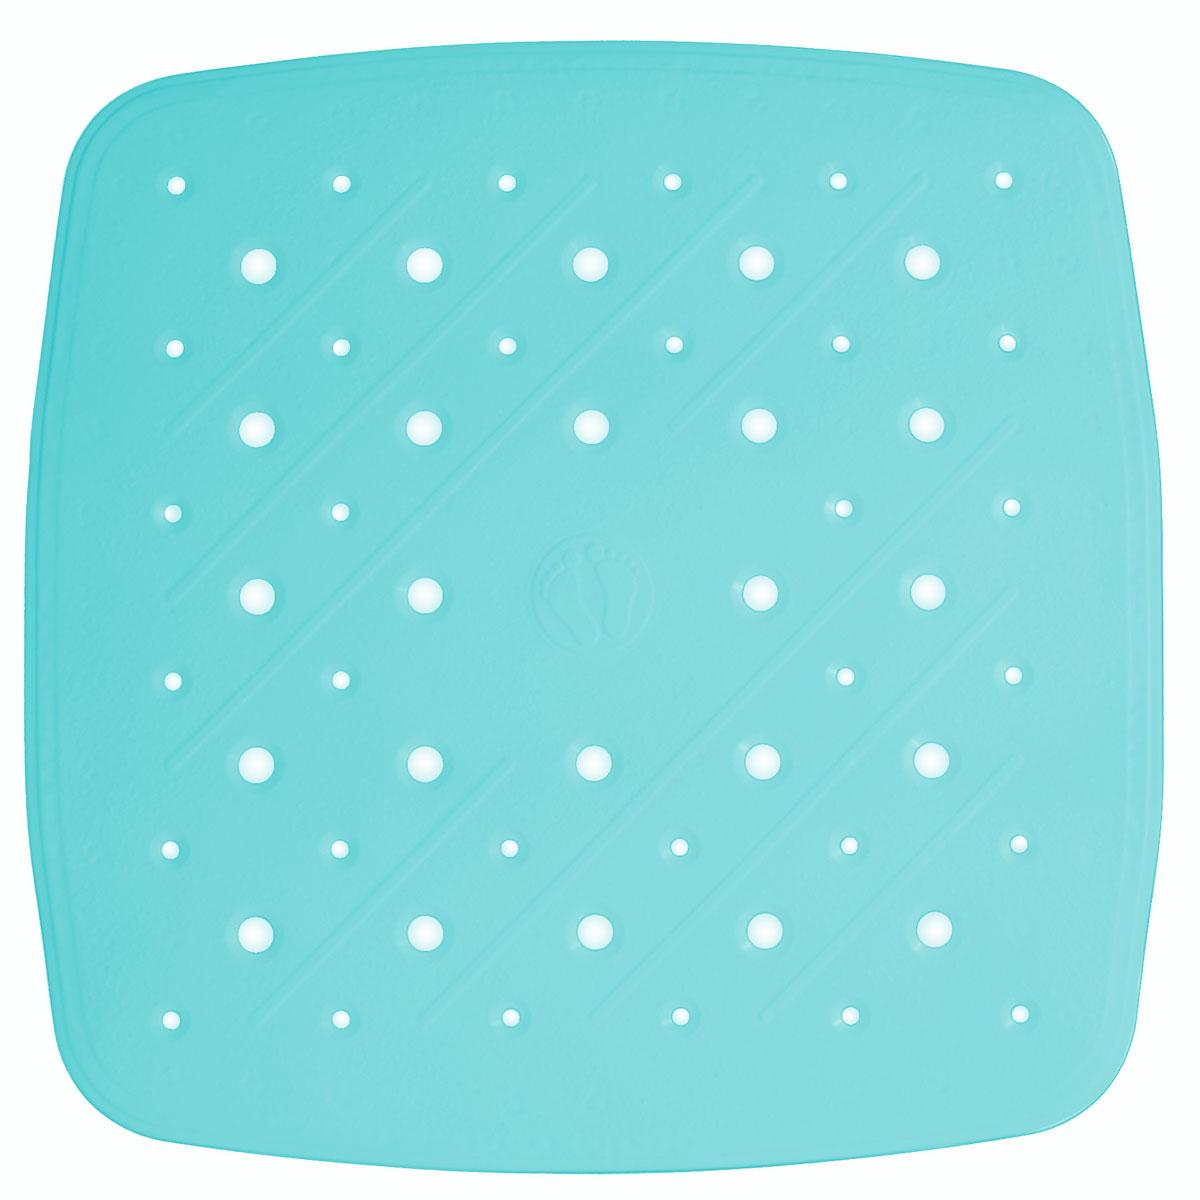 Коврик для ванной Ridder Promo, противоскользящий, на присосках, цвет: голубой, 51 х 51 см96515412Высококачественный немецкий коврик Ridder Promo создан для вашего удобства.Состав и свойства противоскользящего коврика: - синтетический каучук и ПВХ с защитой от плесени и грибка; - имеются присоски для крепления. Безопасность изделия соответствует стандартам LGA (Германия).